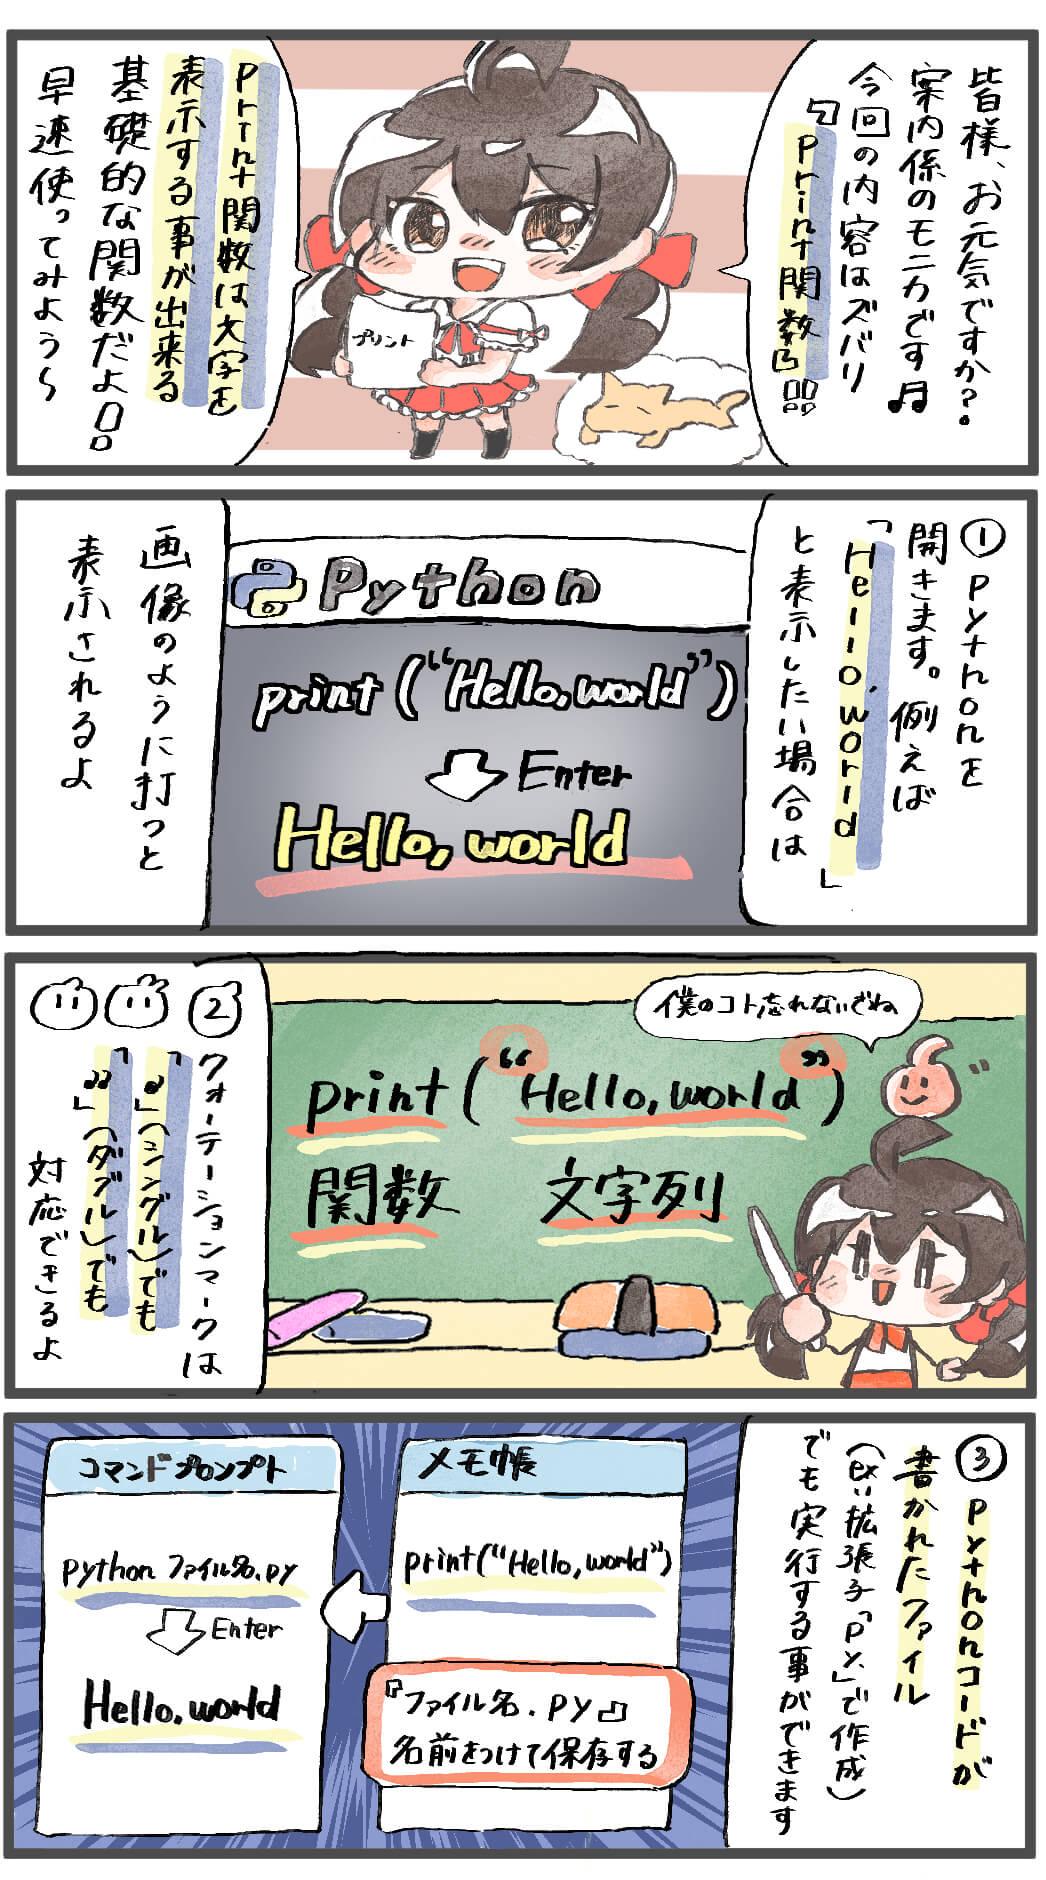 【漫画】PythonでHello Worldを実行する